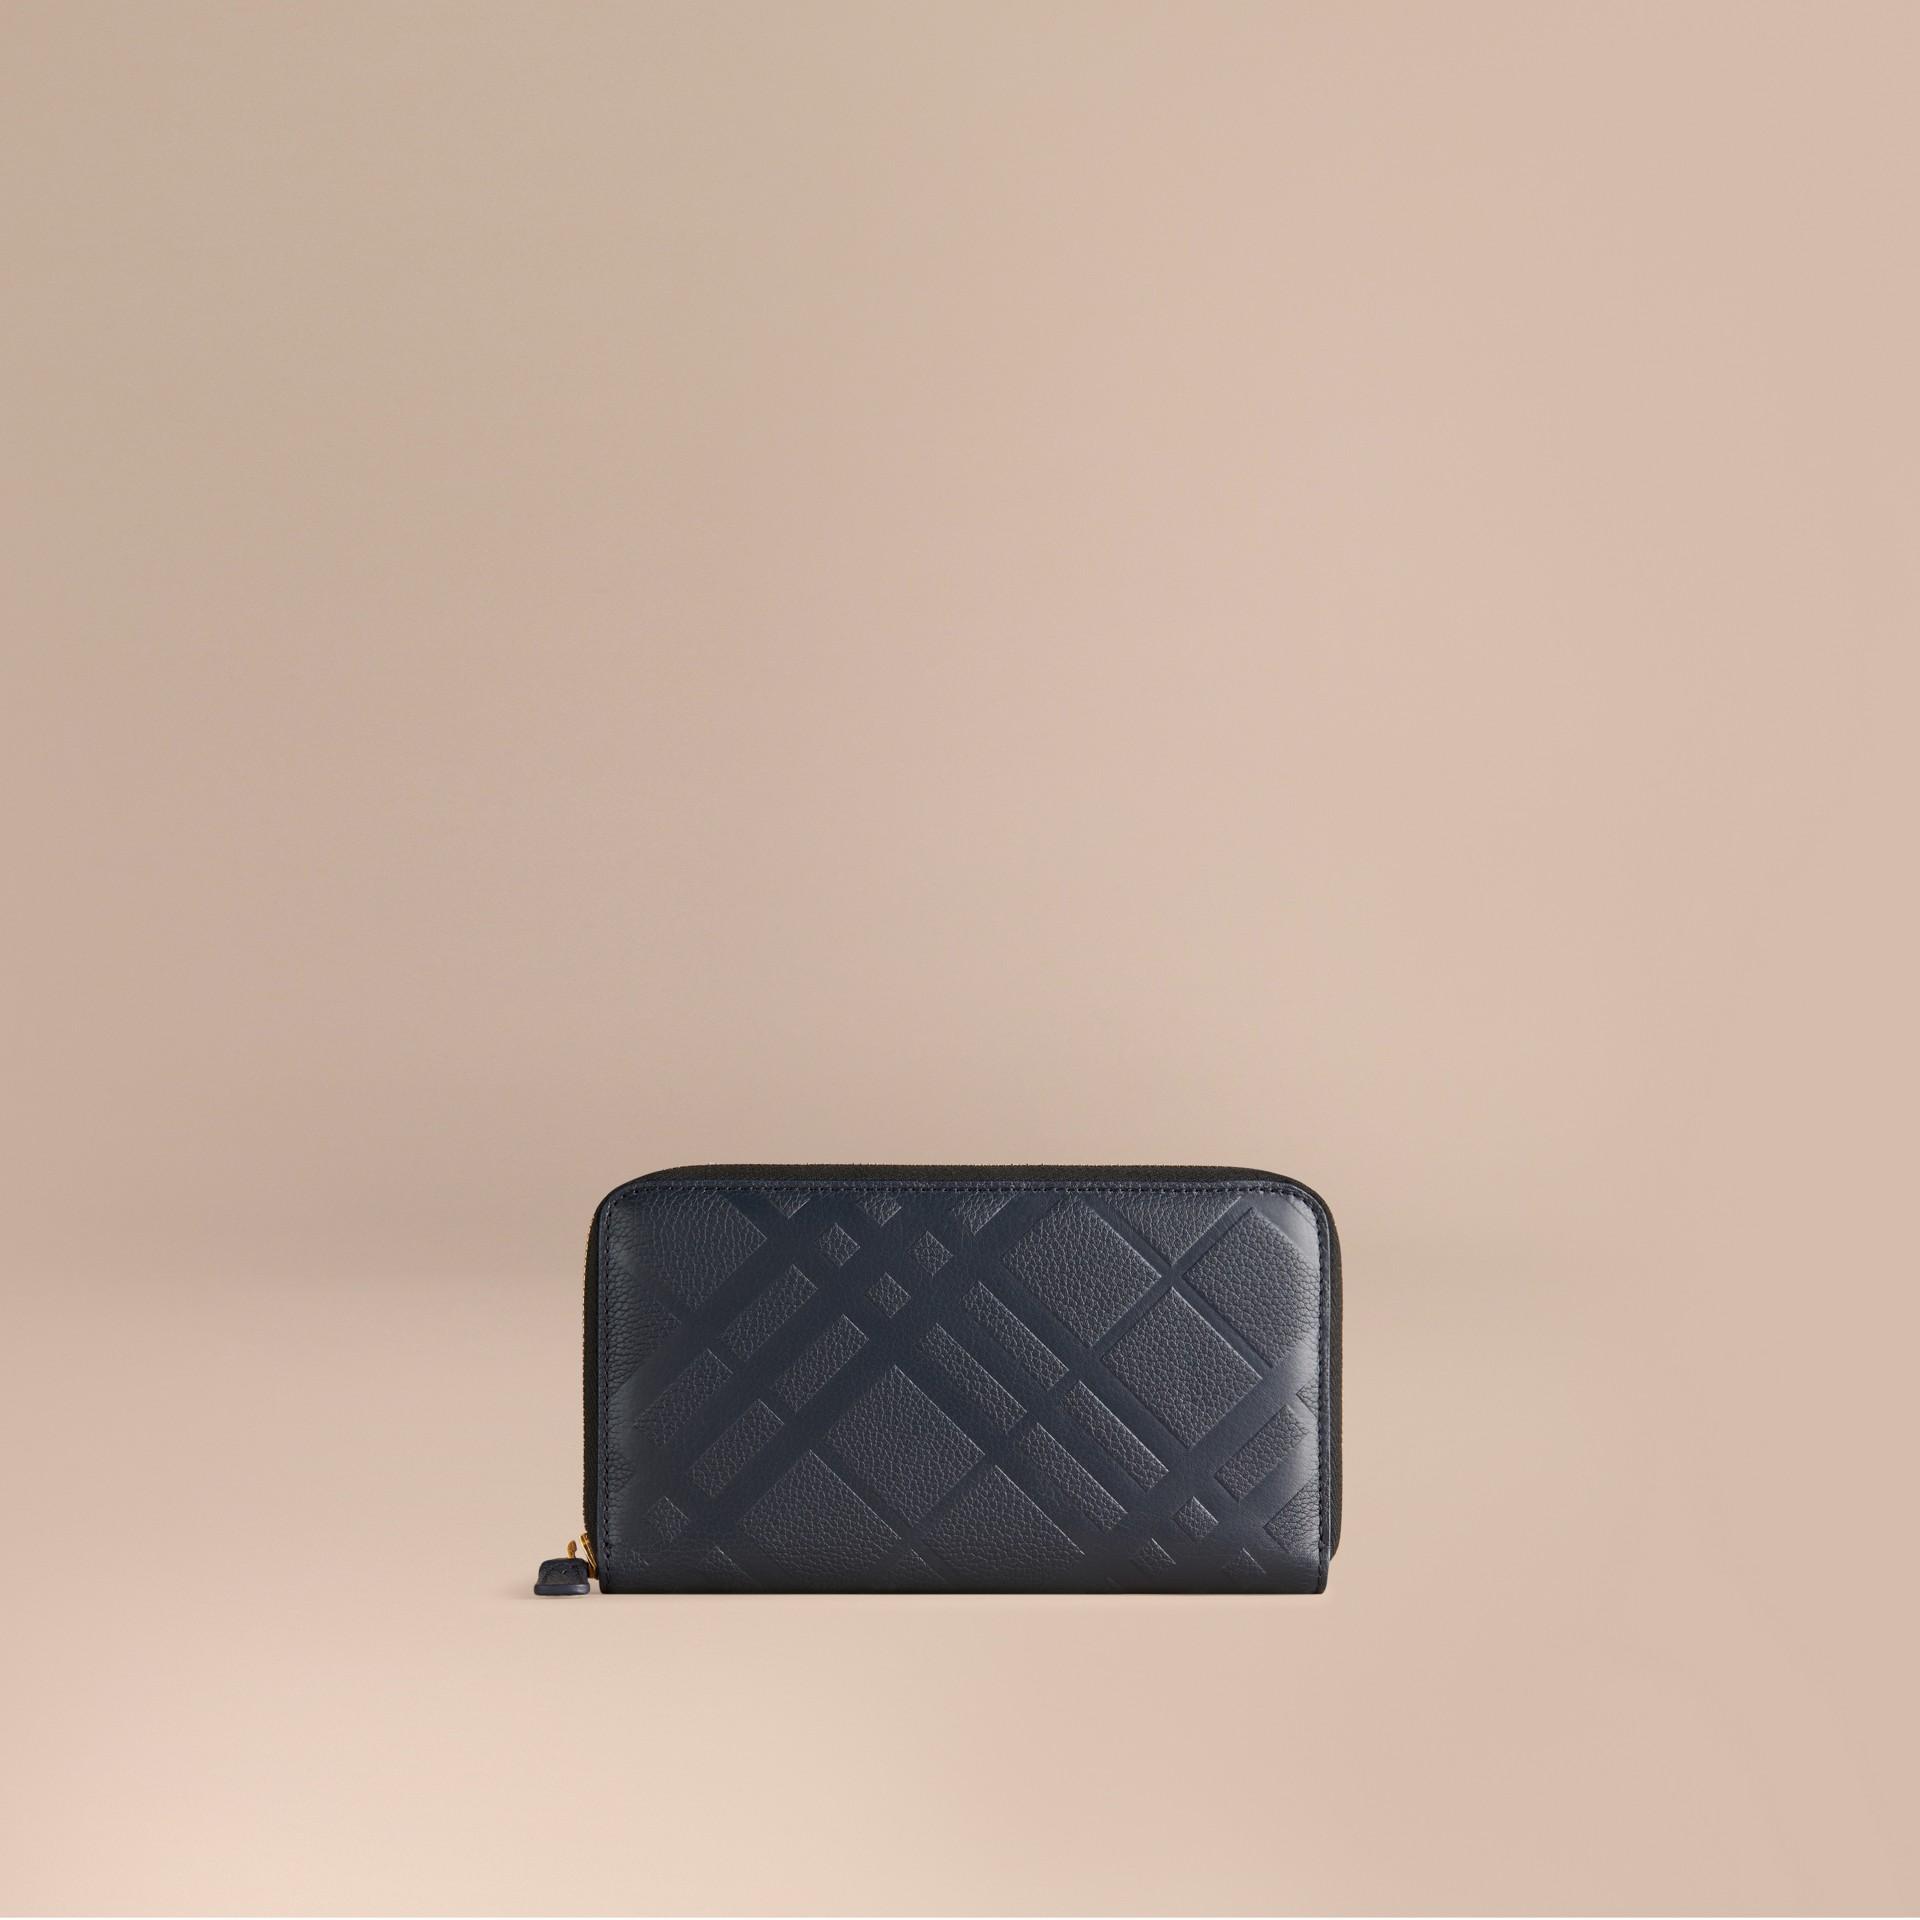 Dunkles zinnblau Check-geprägte Lederbrieftasche mit umlaufendem Reißverschluss Dunkles Zinnblau - Galerie-Bild 1